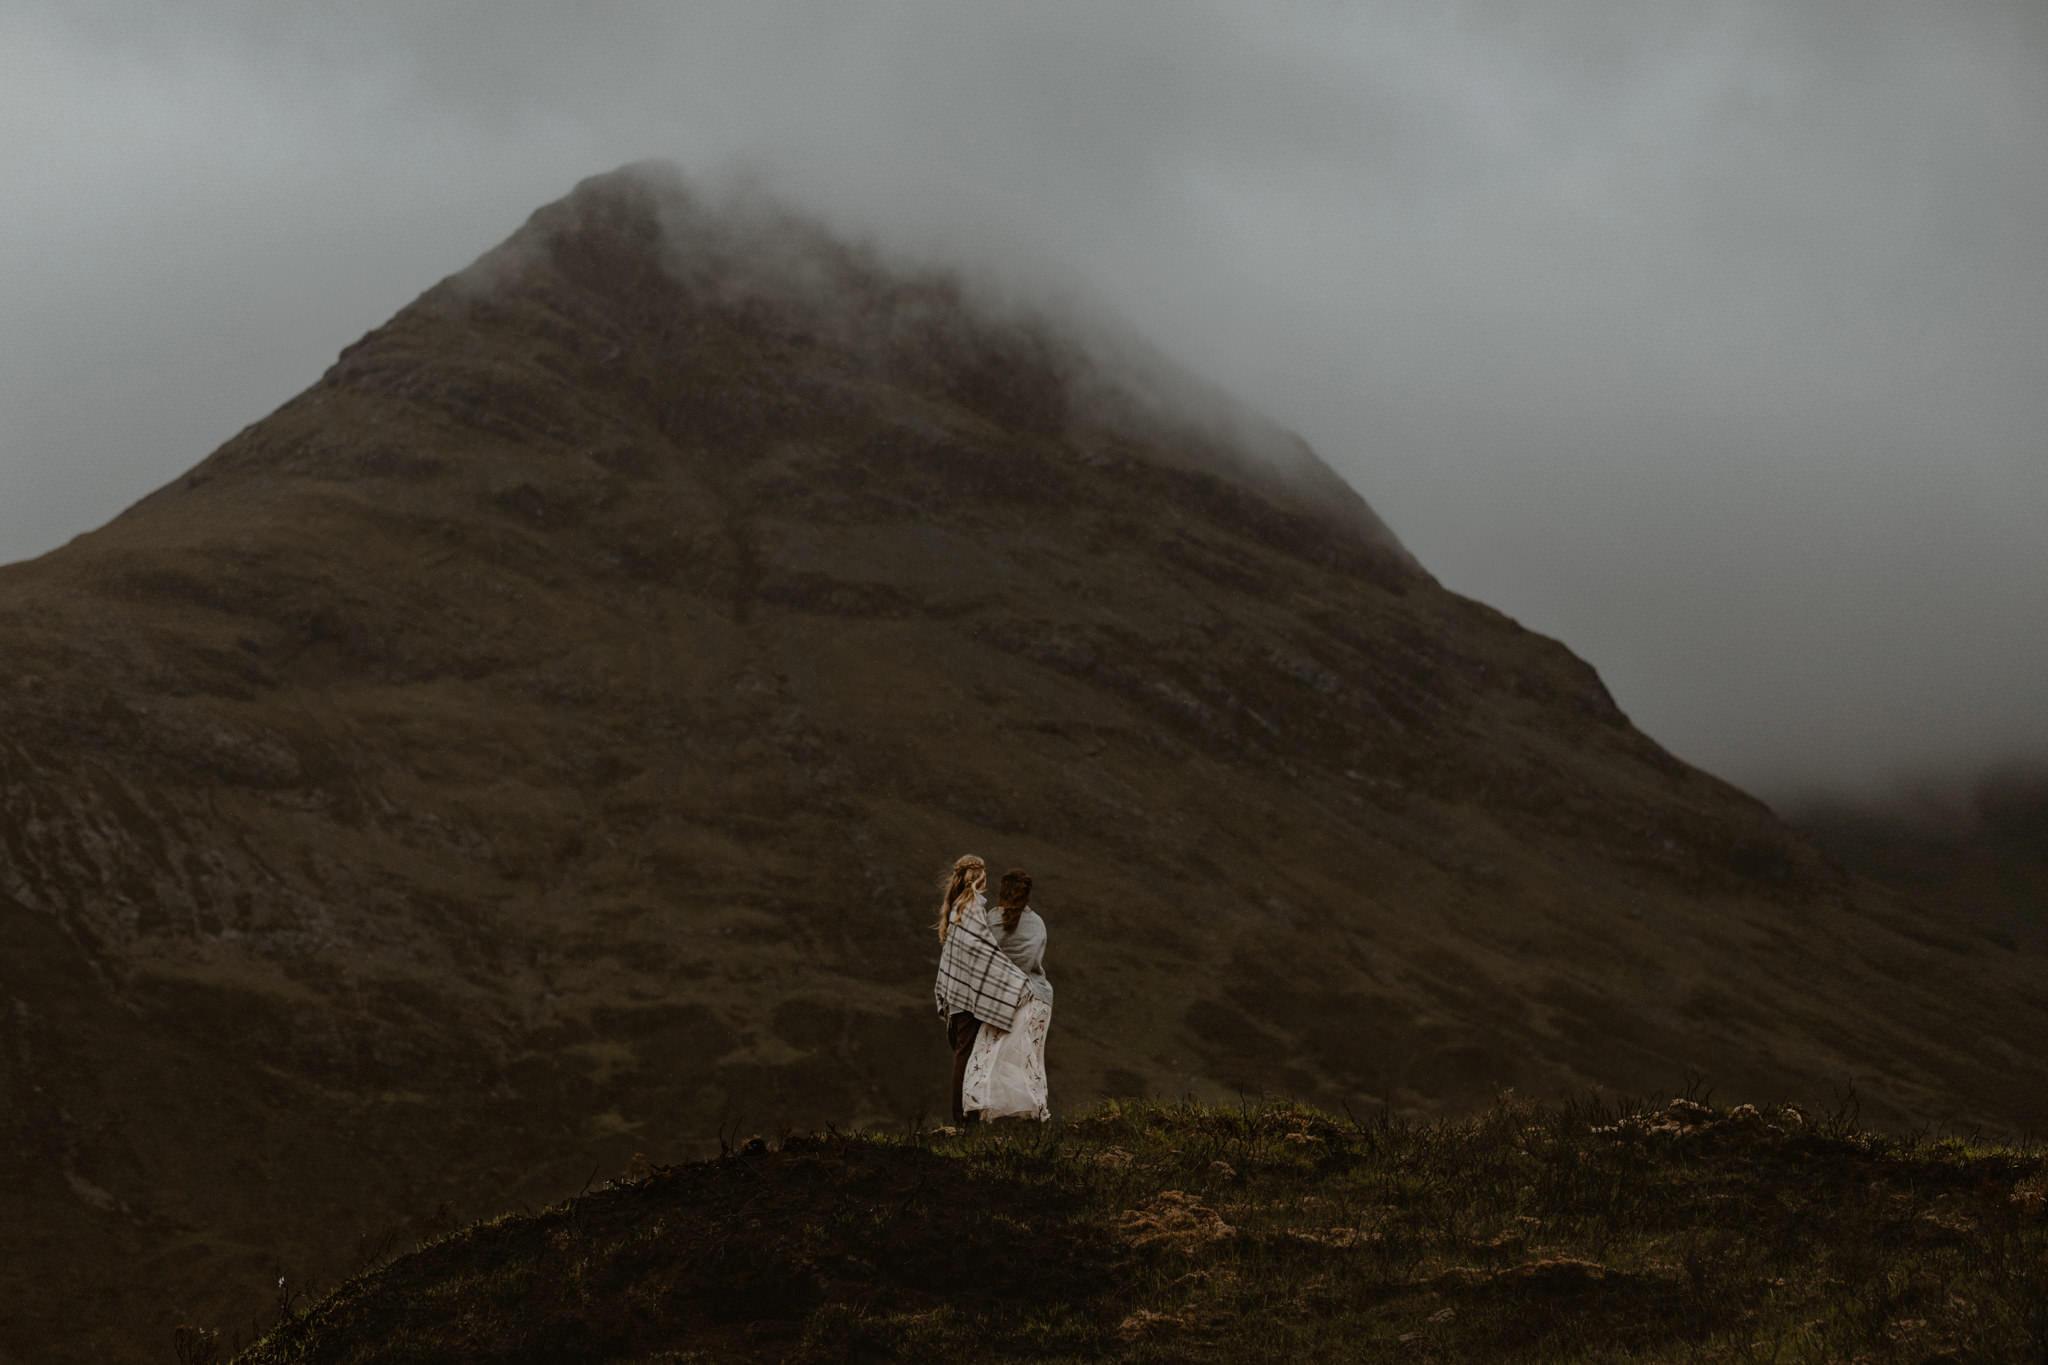 Isle of Skye elopement couple under vast misty mountain